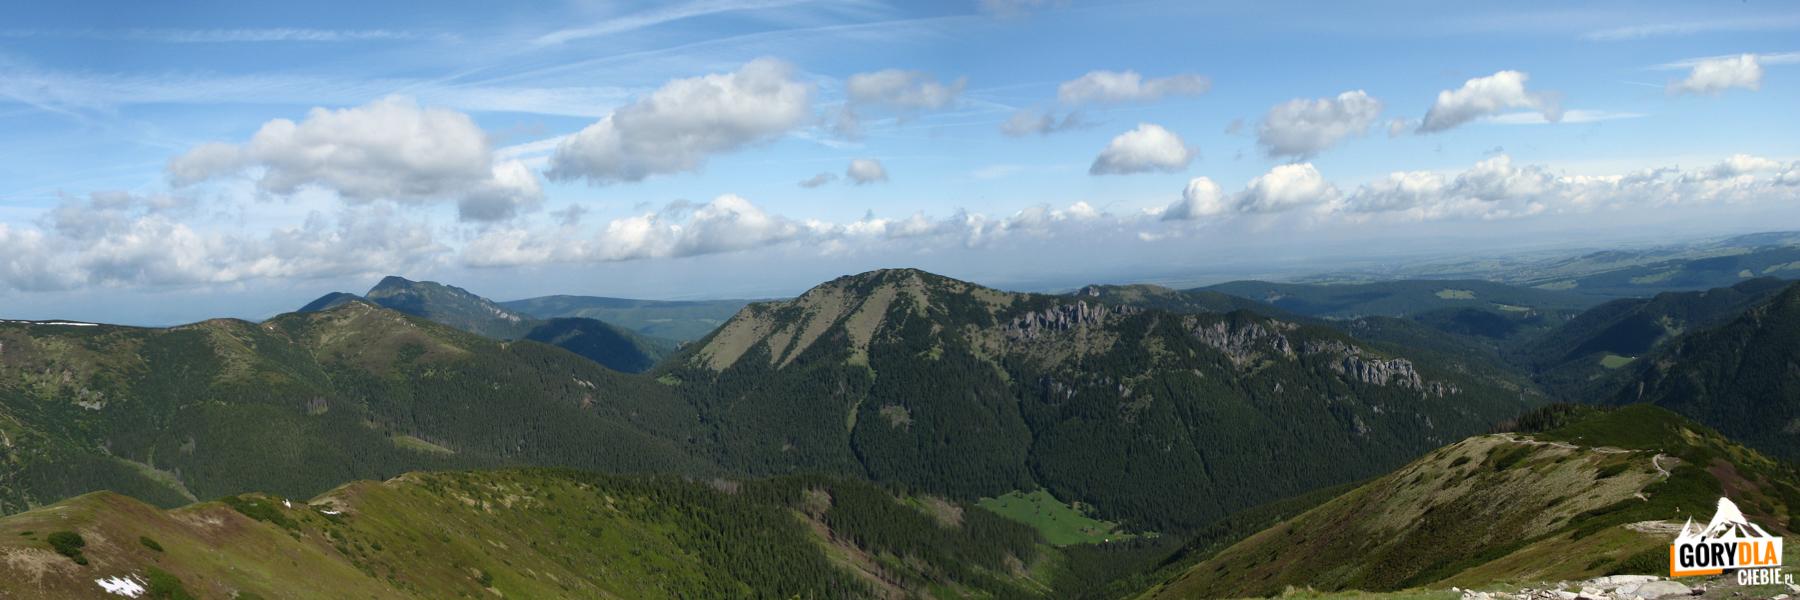 Widok zTrzydniowiańskiego Wierchu (1758 m) naGrzesia (1653 m), Osobitą (1687 m) iBobrowiec (1663 m)